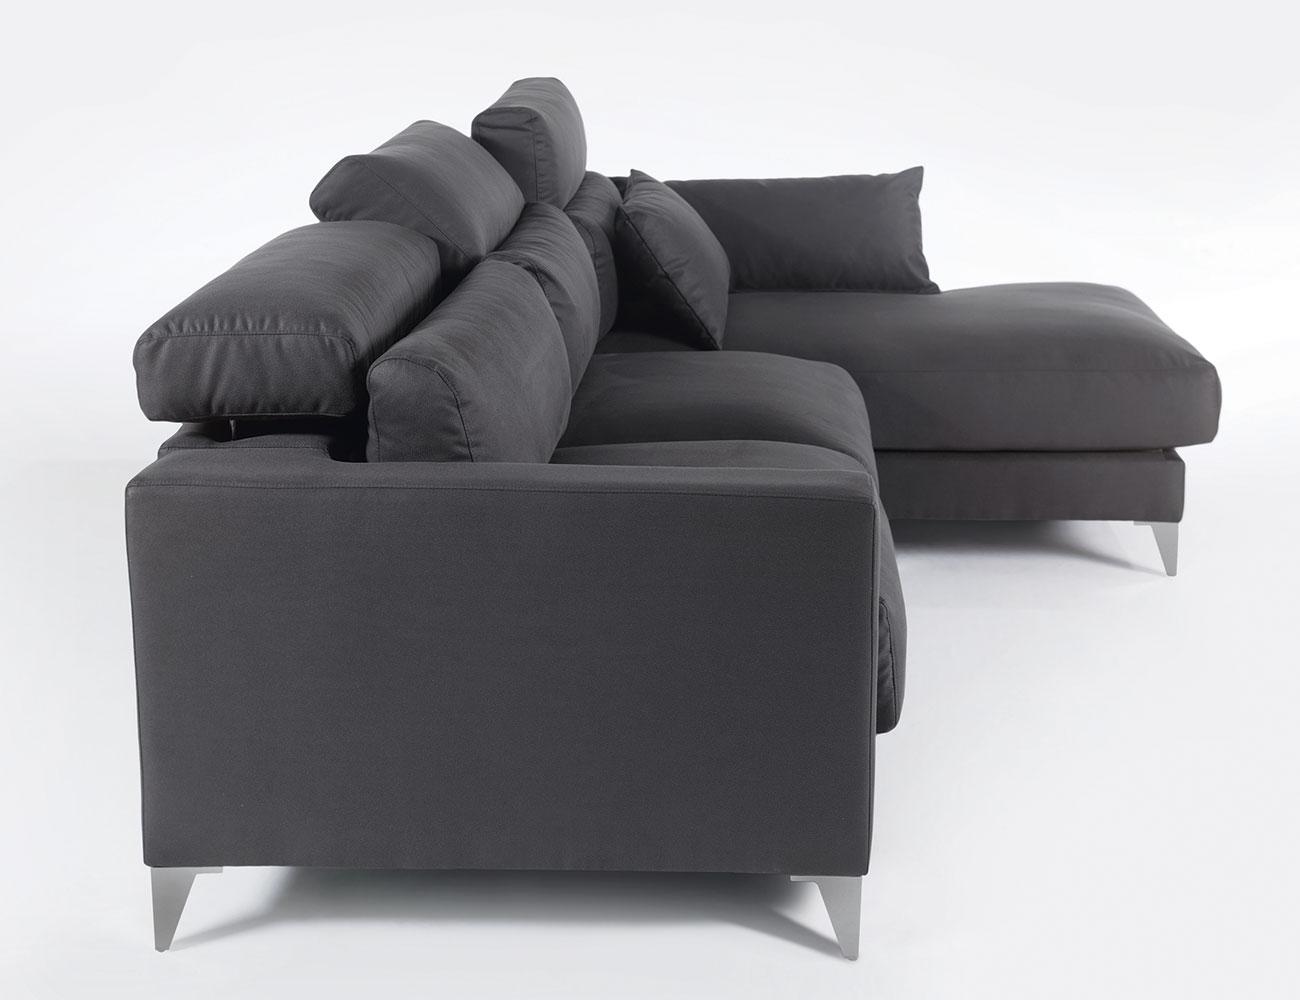 Sofa chaiselongue gran lujo decorativo grafito 130